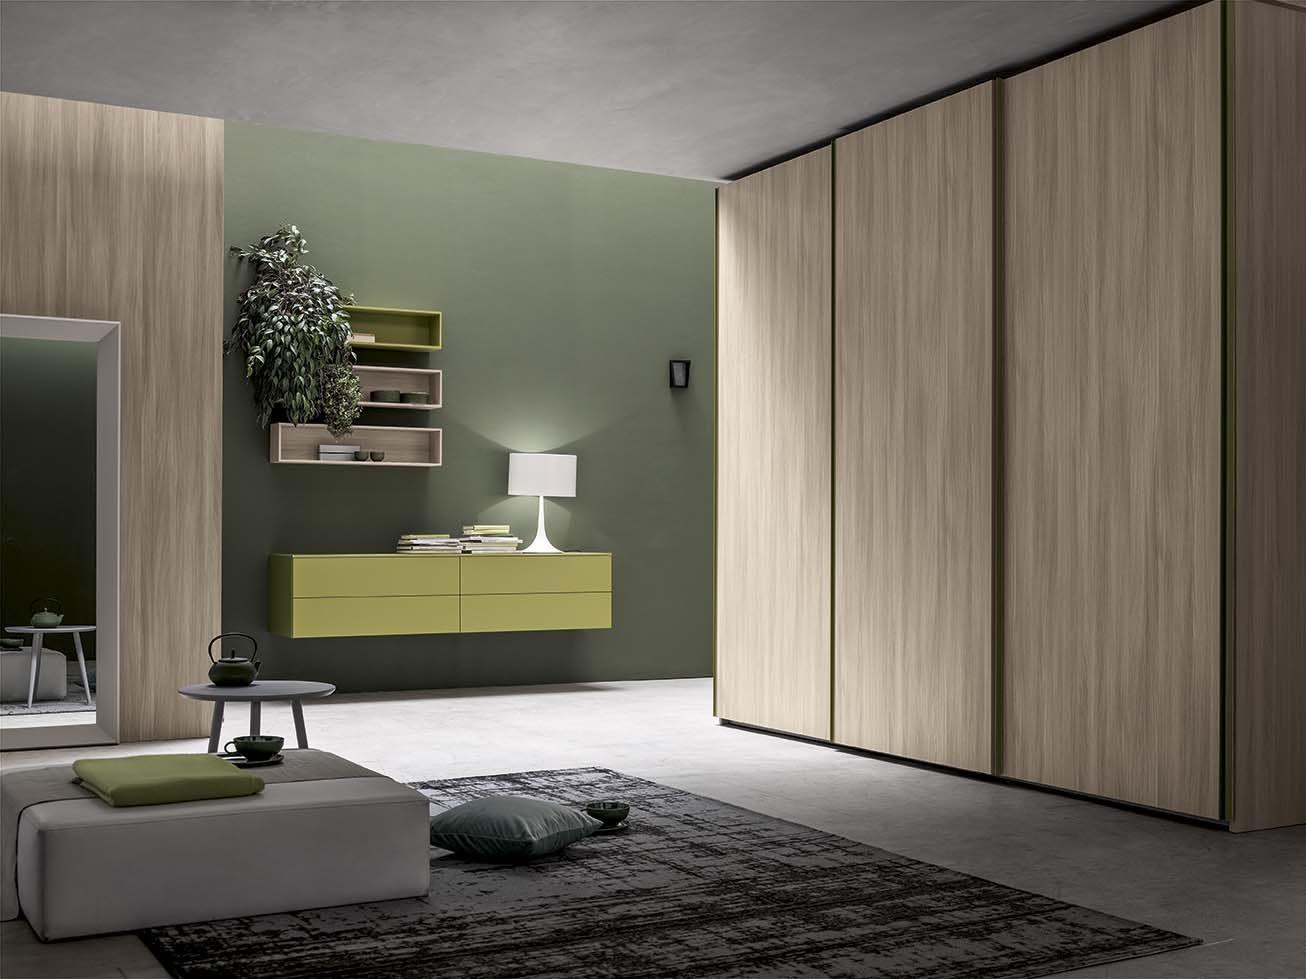 Lasciati ispirare: un armadio interpreta il moderno per la zona ...